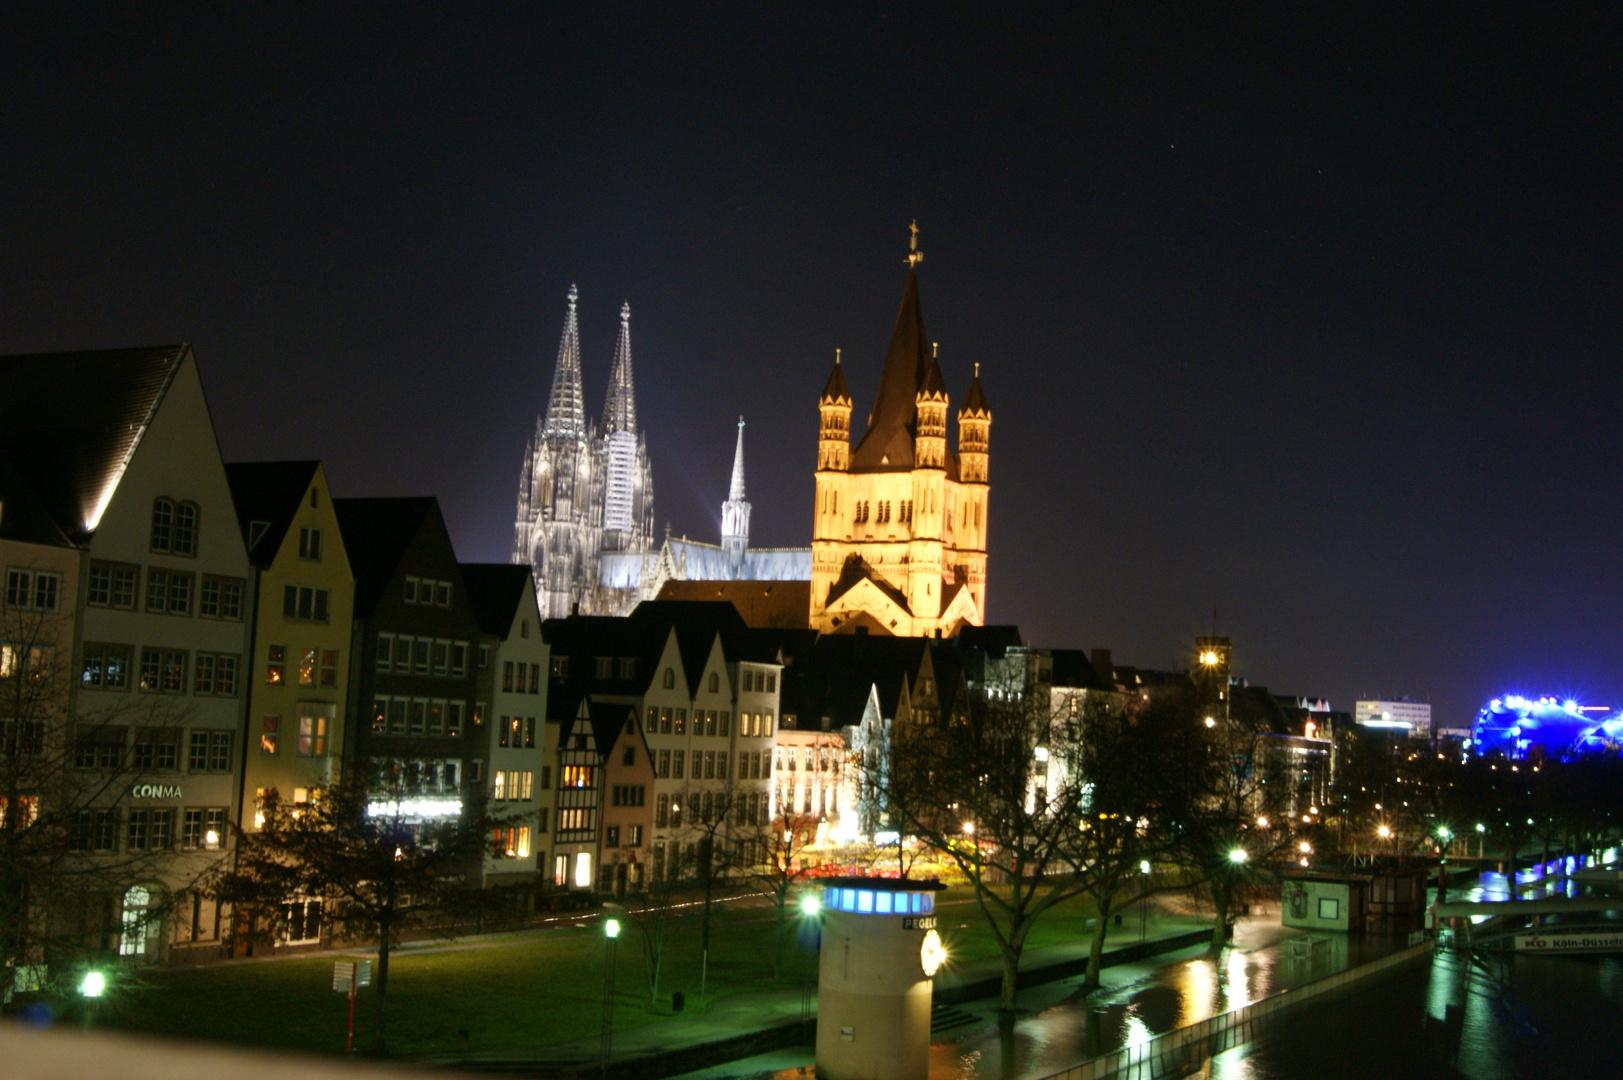 Die Kölner Altstadt bei Nacht und Hochwasser